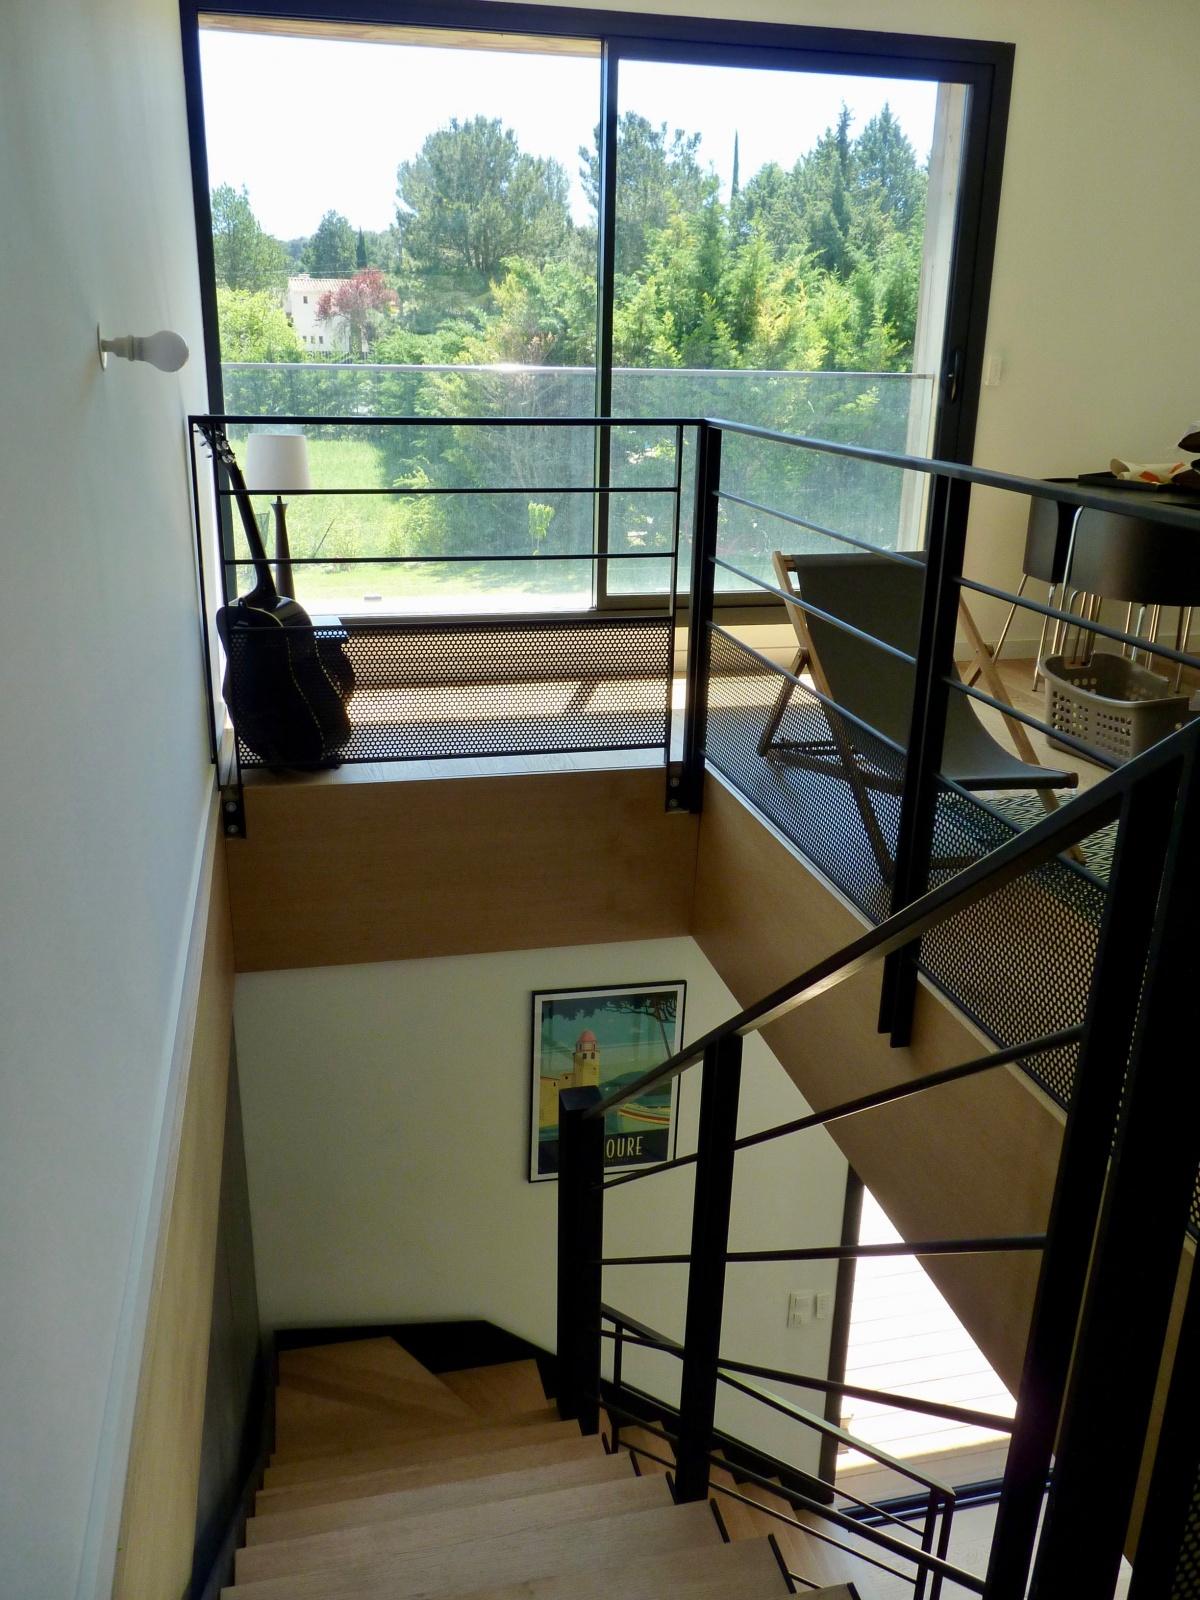 Conception d'une maison contemporaine « à travers champs » : cadrage-vue-maison-contemporaine-bois-azzaro-architecte-min